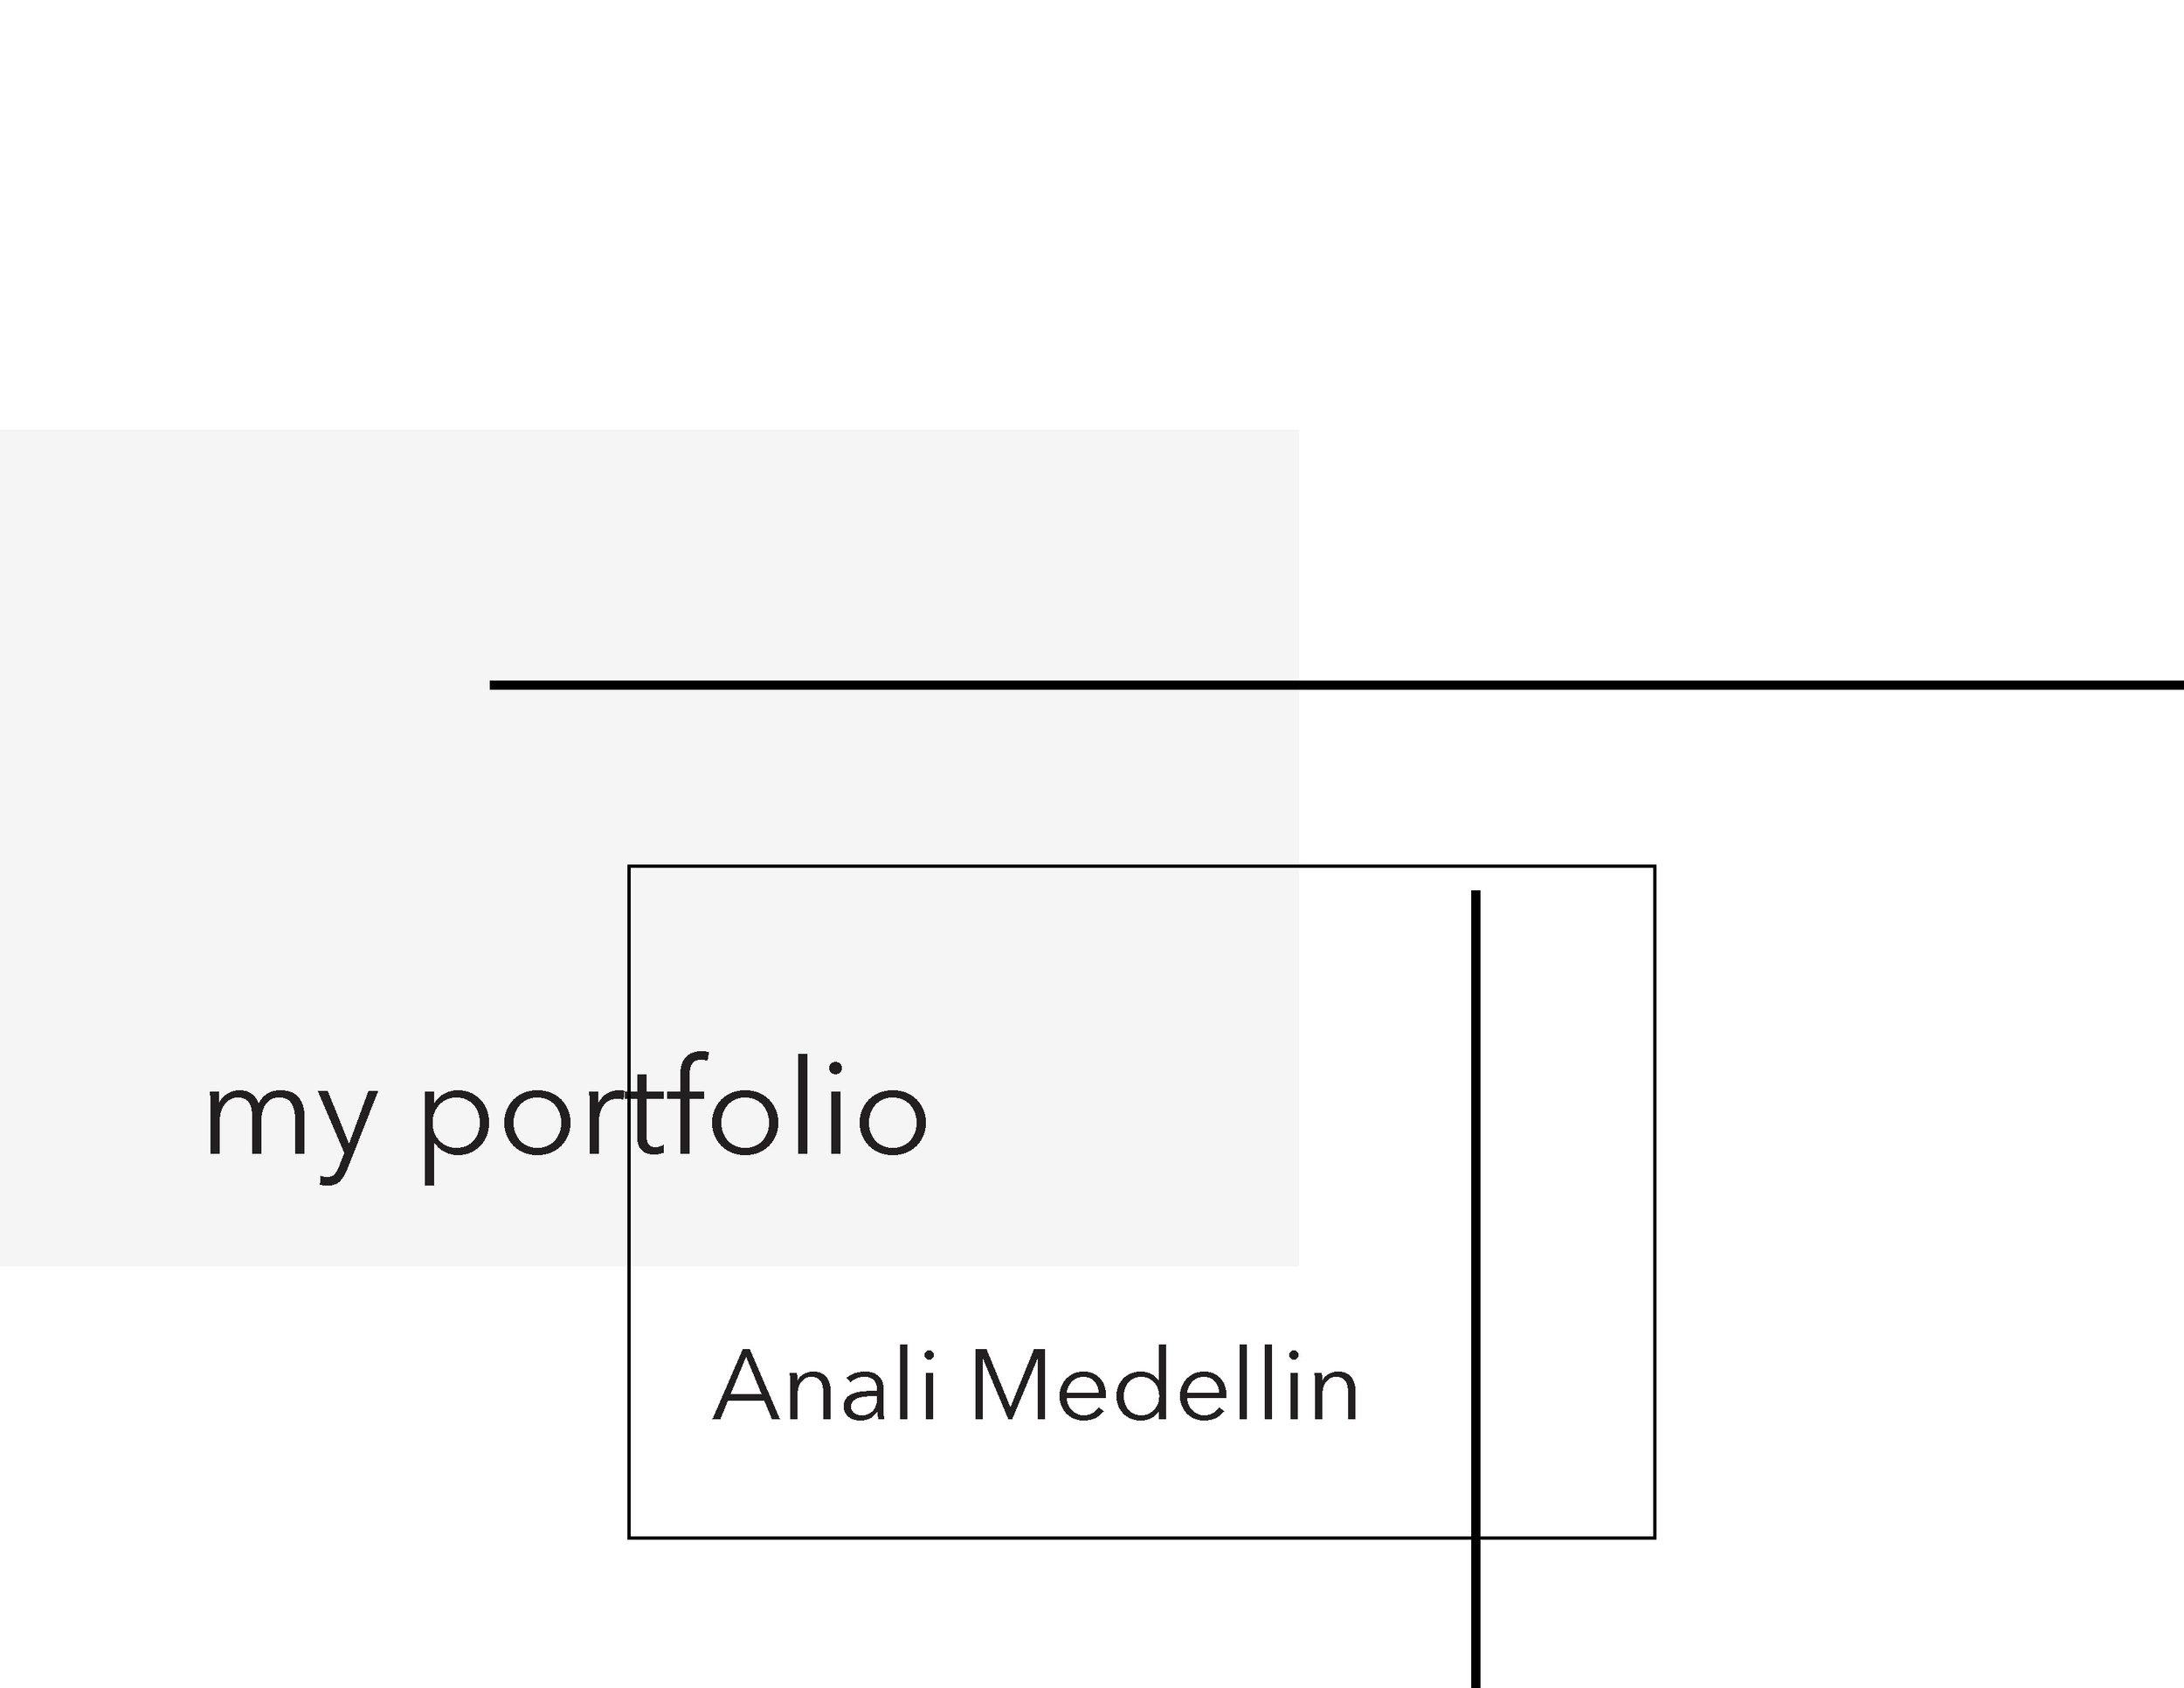 ANALI MEDELLIN